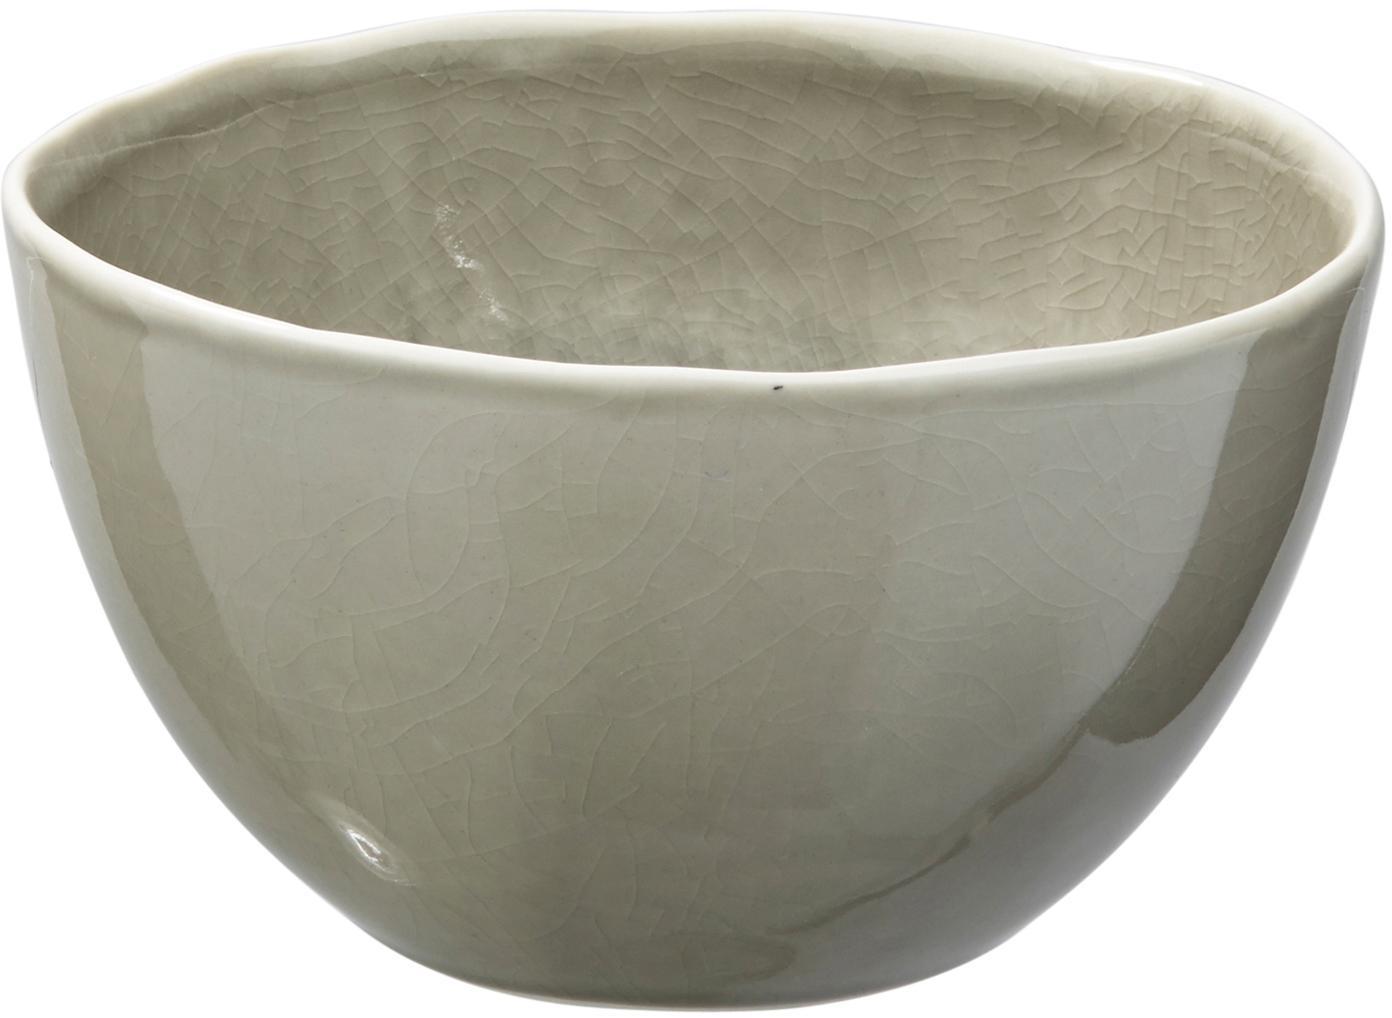 Schälchen Porcelino Sea in Graugrün/Beige, 6 Stück, Porzellan, Graugrün, Beige, Ø 14 x H 8 cm